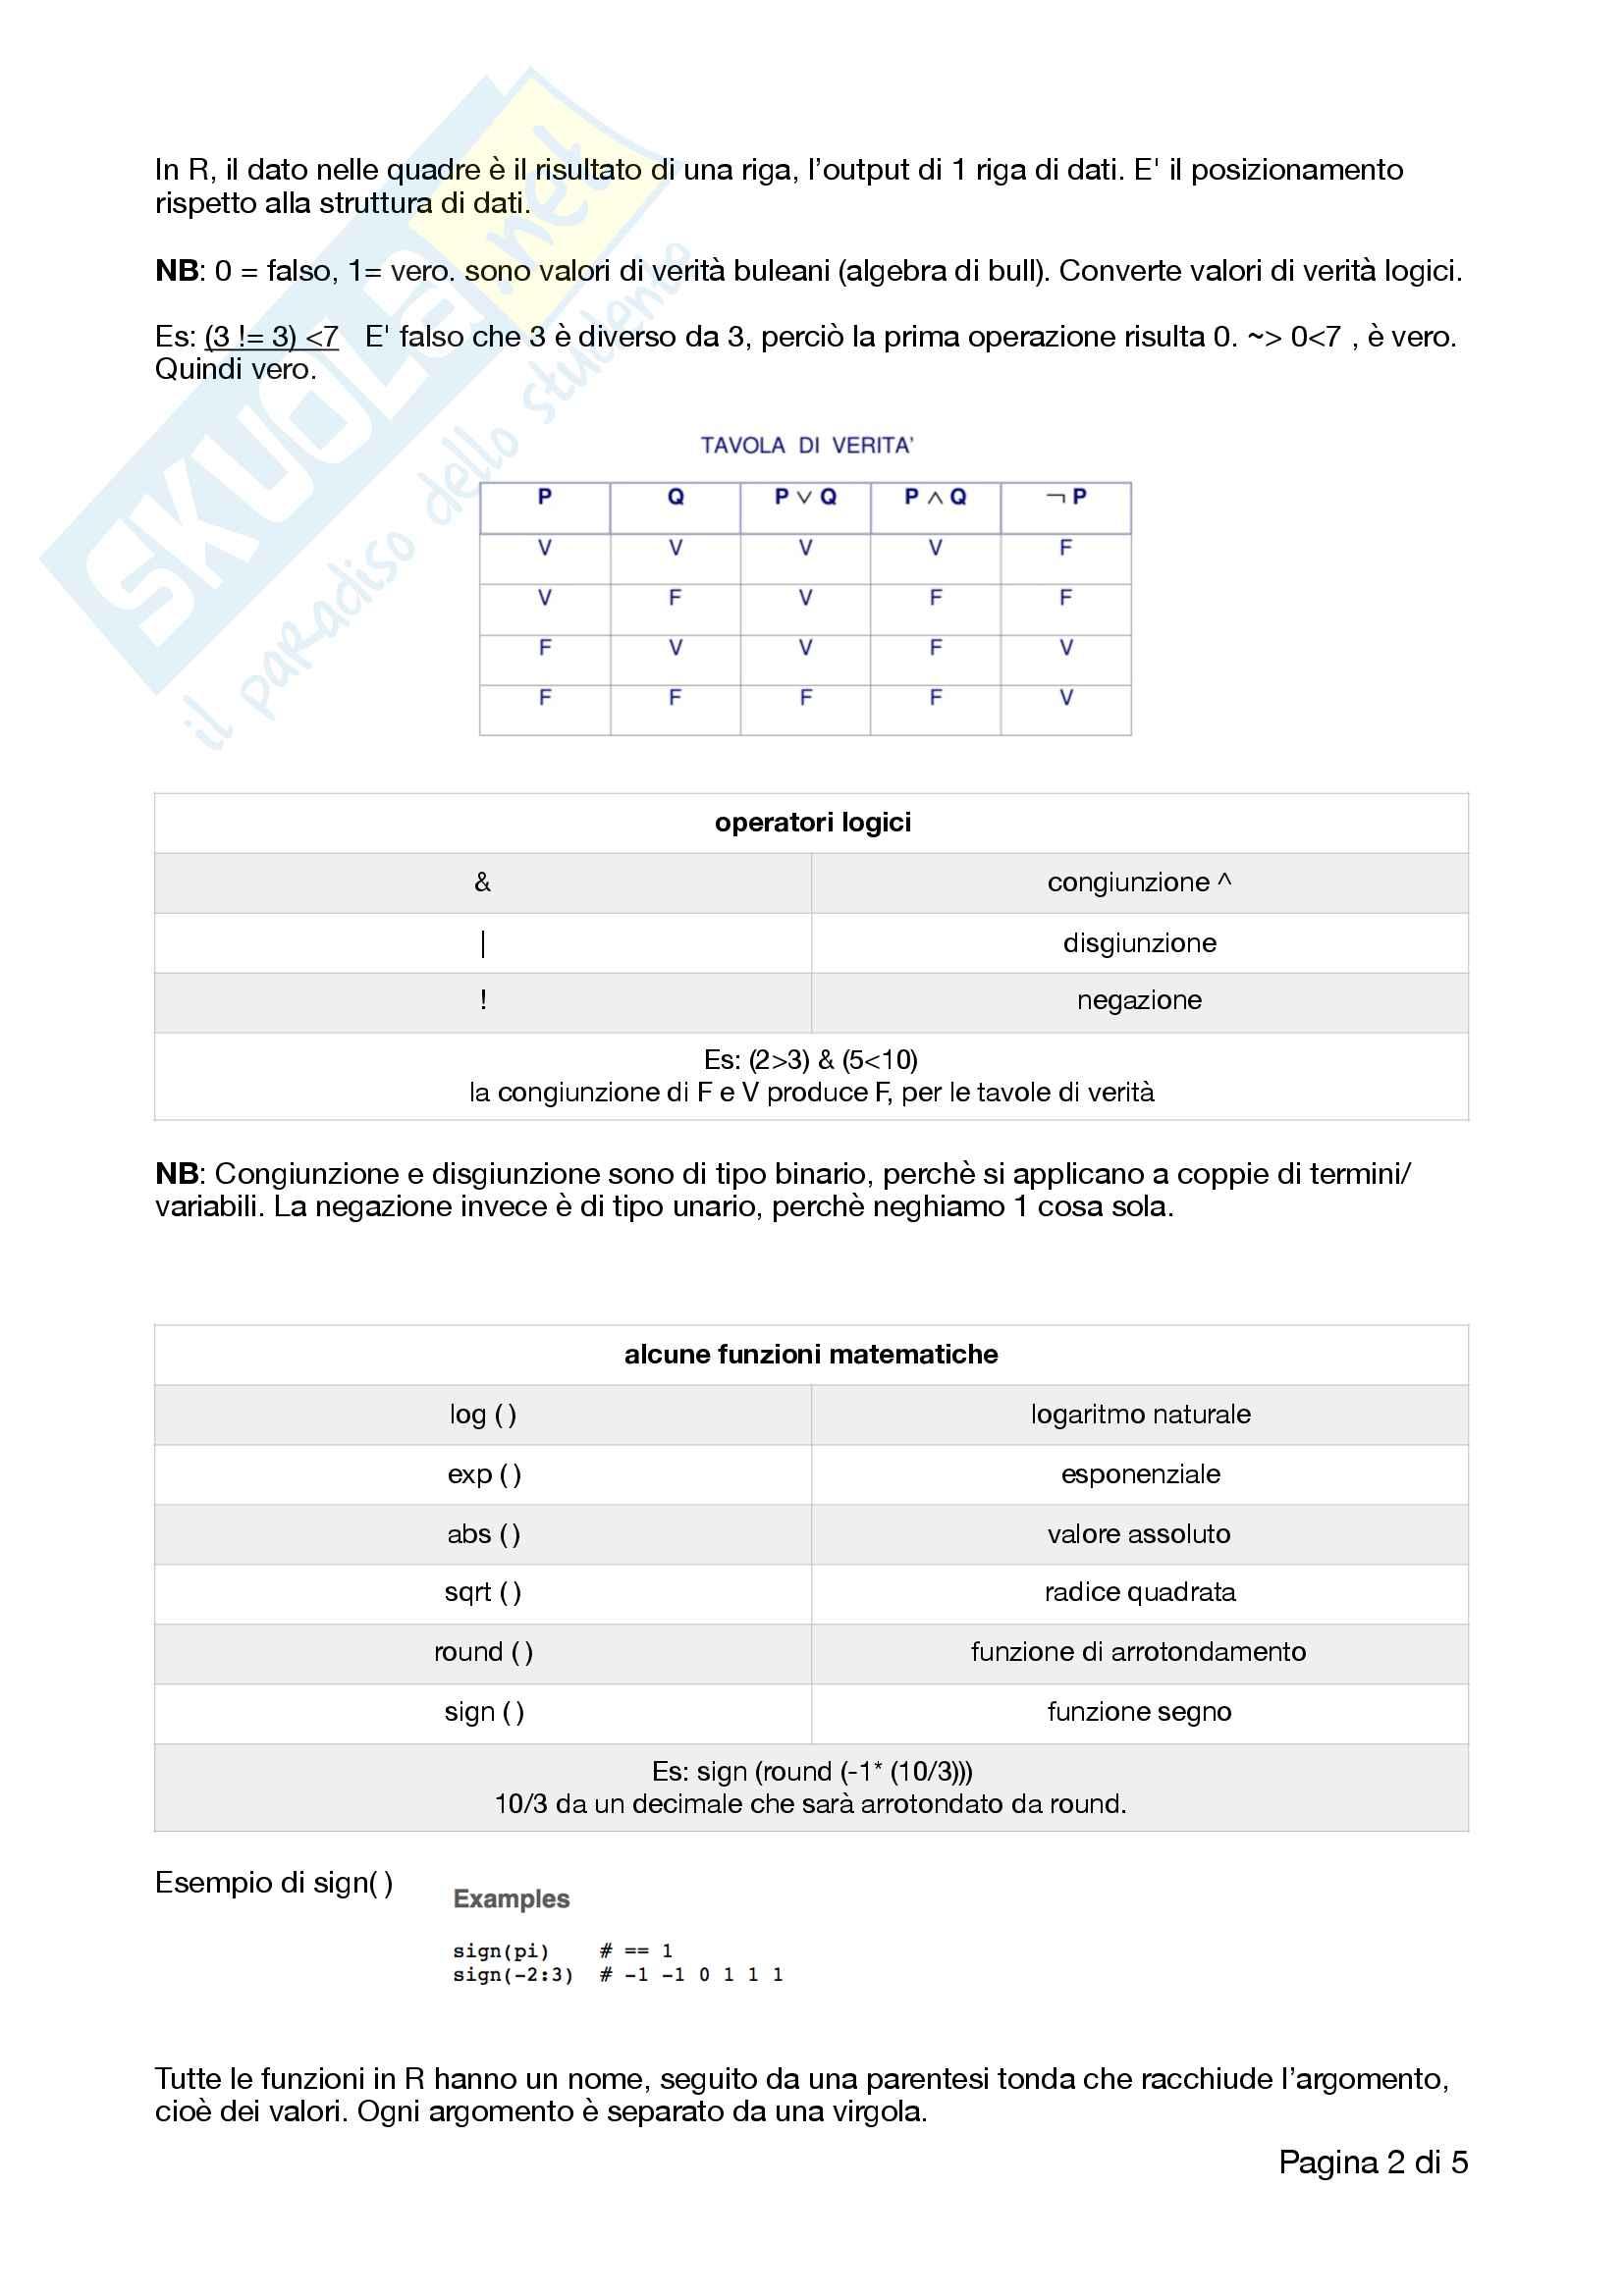 Appunti completi e ottimi di analisi dei dati, R, RStudio e correlati con esempi e esercizi Pag. 2